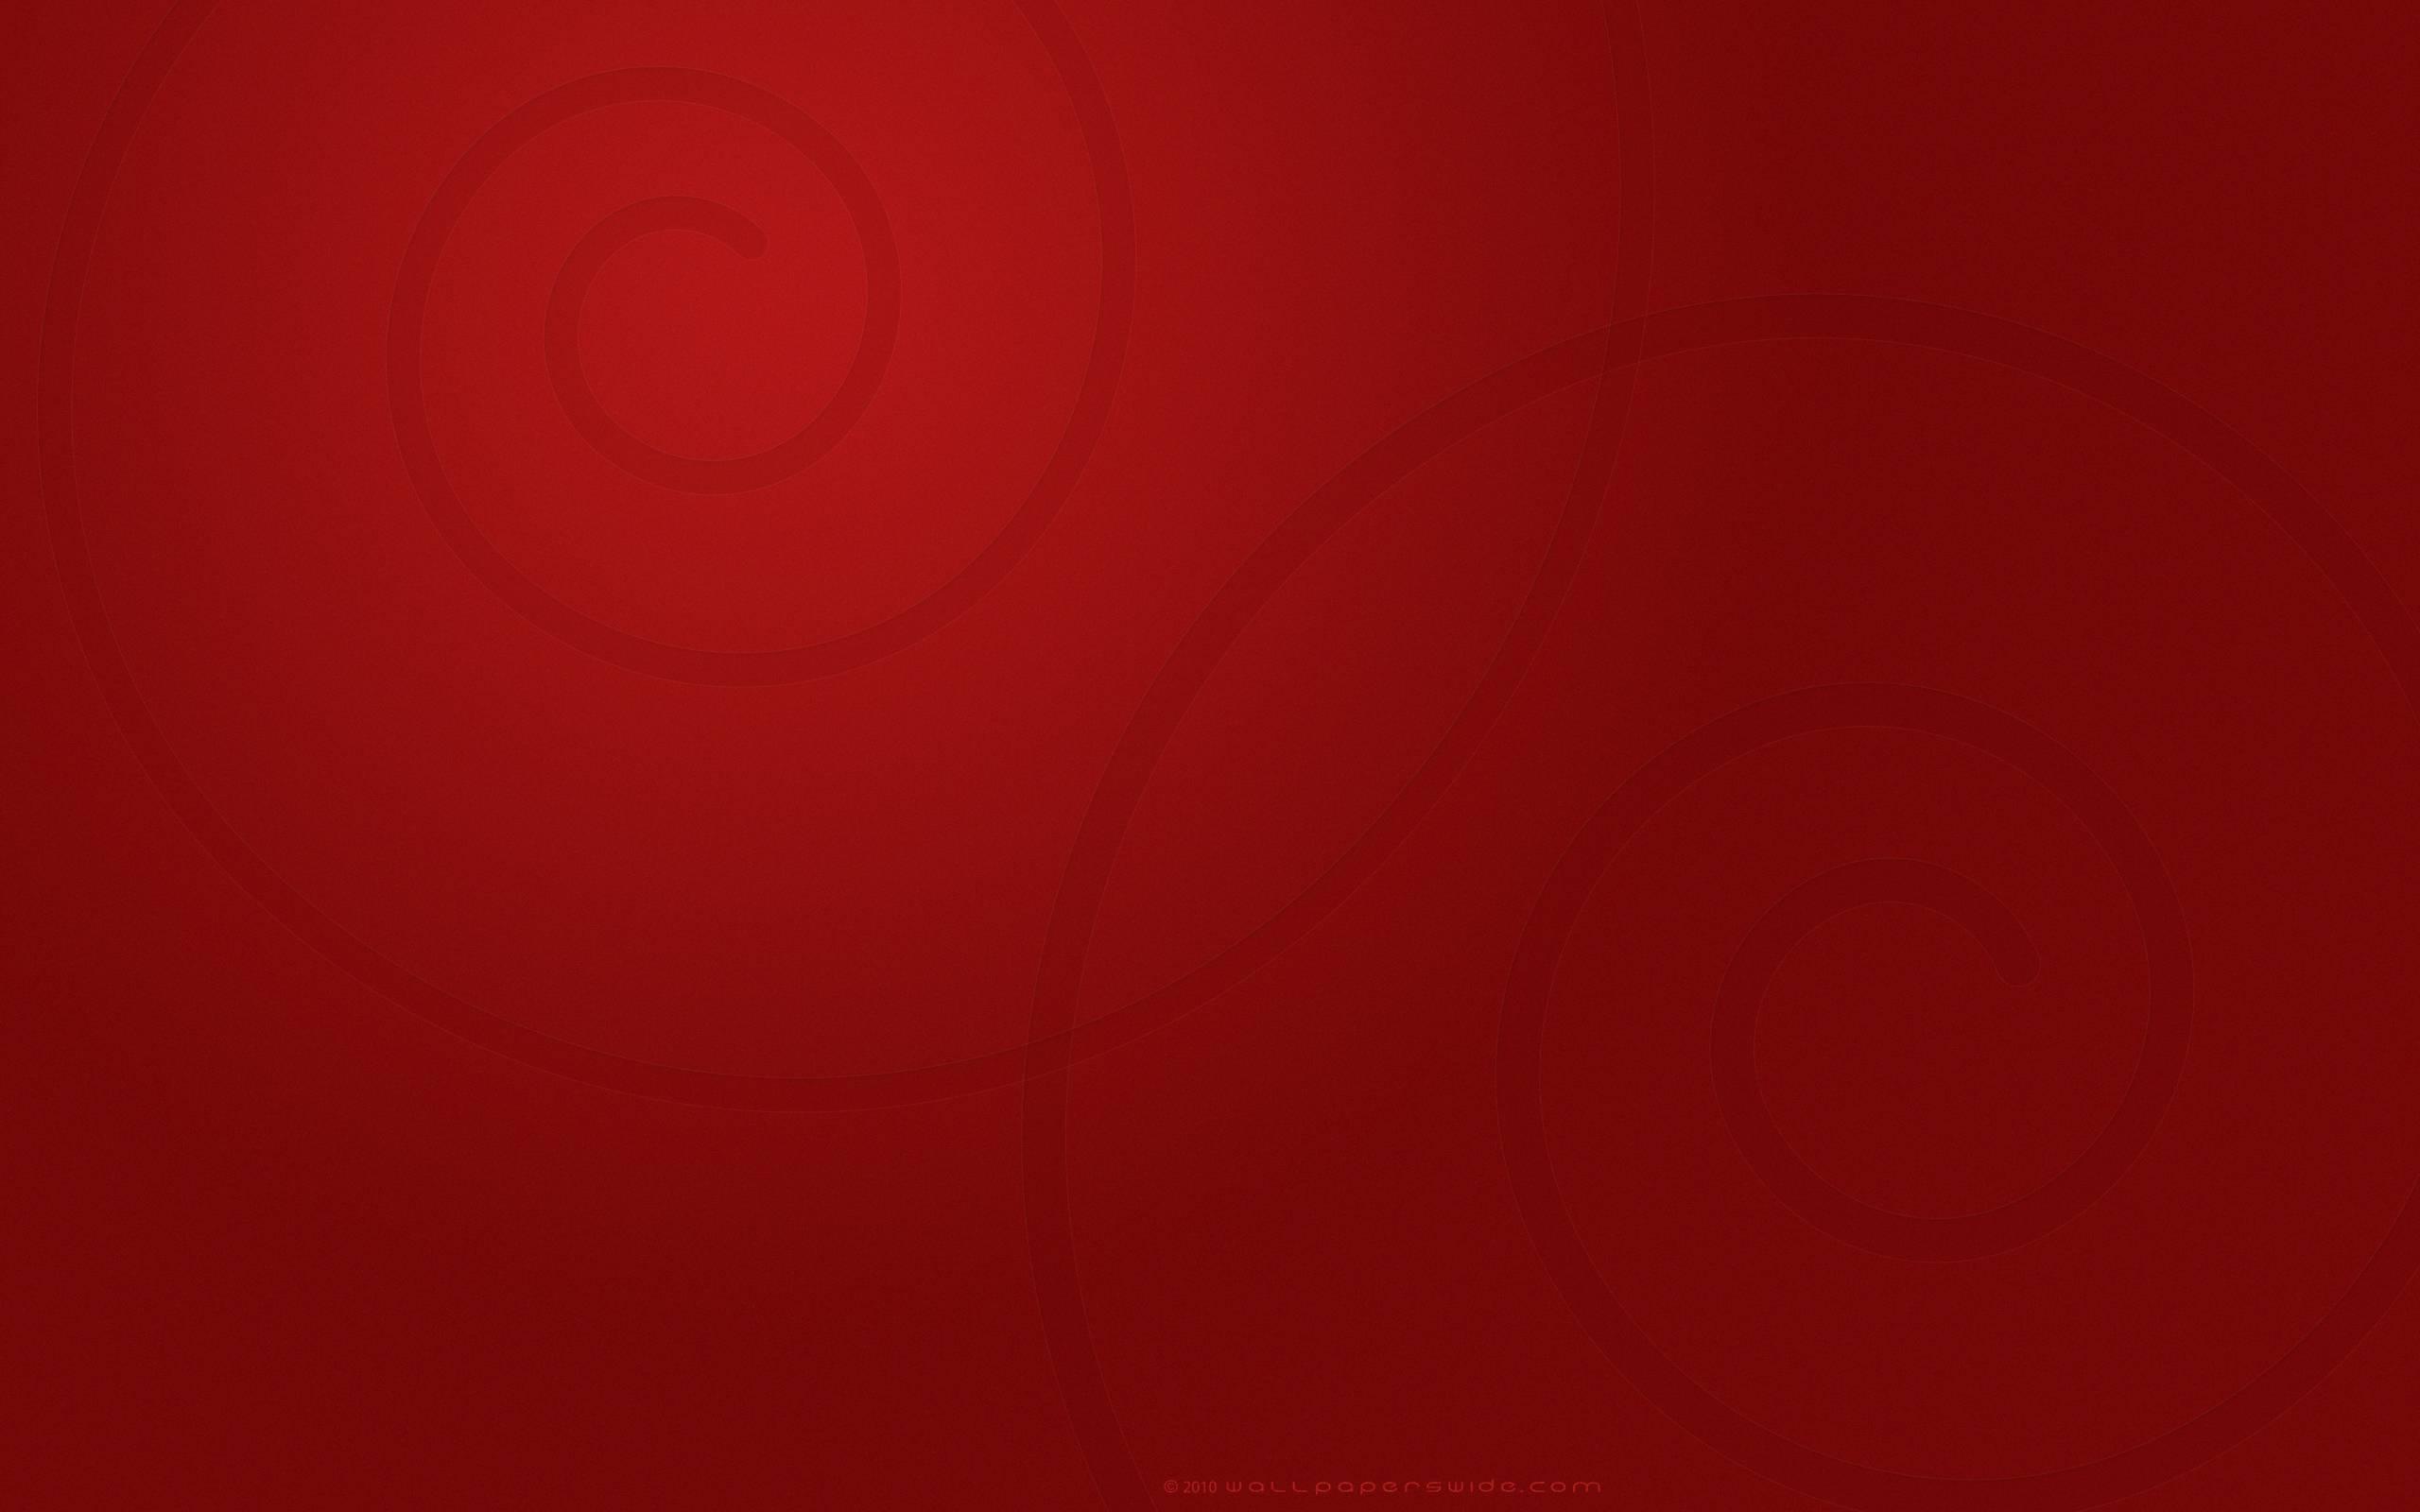 Red Desktop Backgrounds